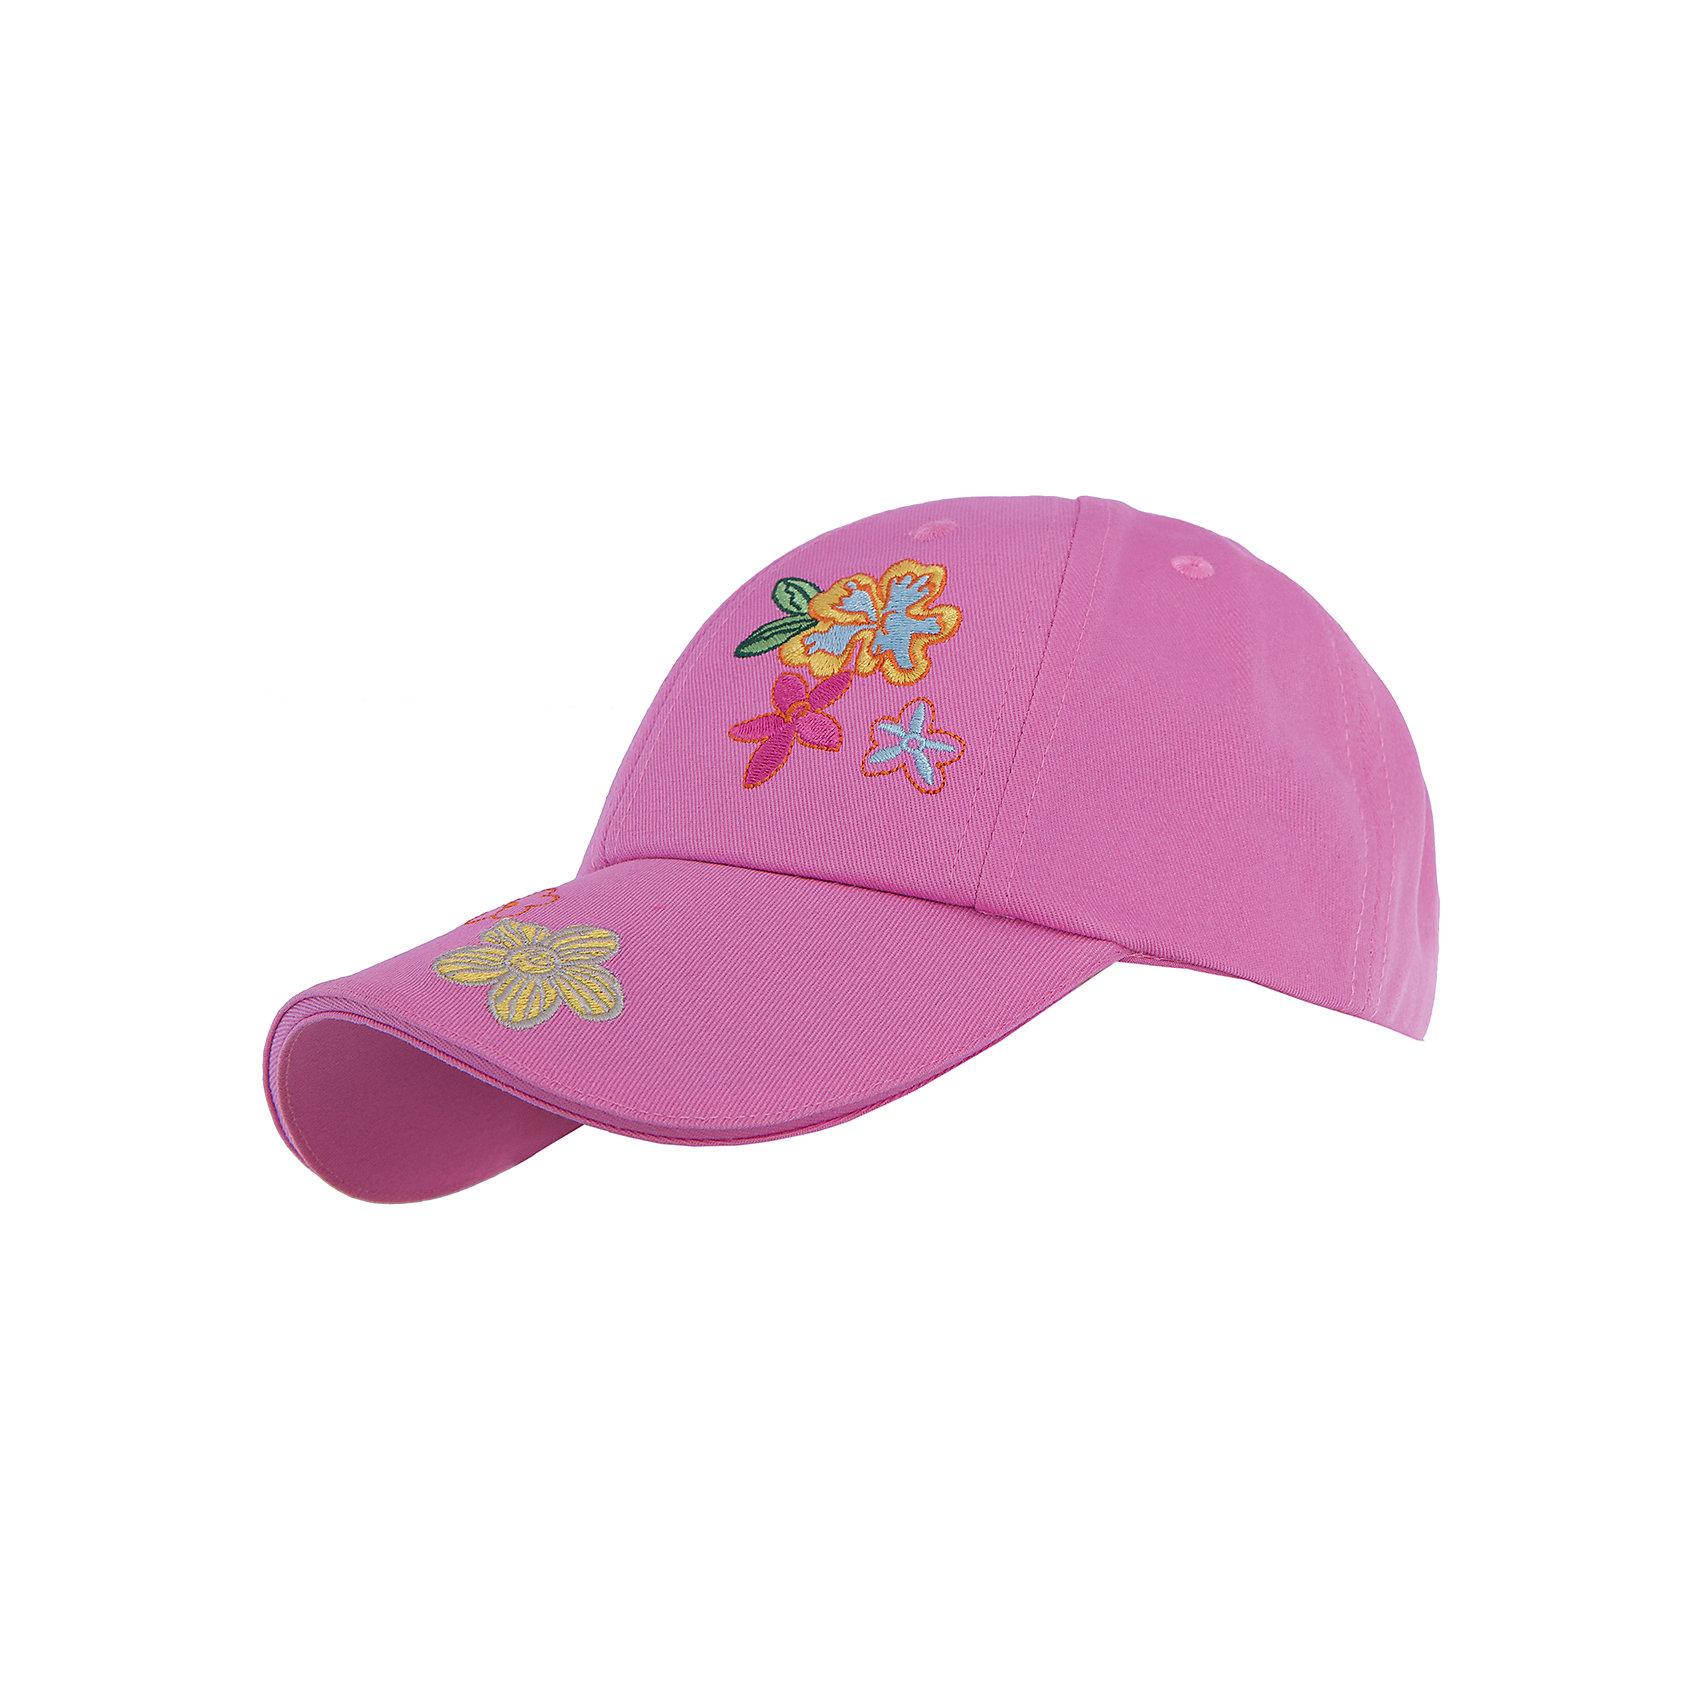 Кепка для девочки SELAСтильная кепка для девочки от известной марки SELА помогут разнообразить летний гардероб ребенка, создать легкий подходящий погоде ансамбль. Удобный крой и качественный материал обеспечат ребенку комфорт при ношении этой вещи. <br>Удобная кепка убережет голову ребенка от перегрева в новом летнем сезоне. Эта модель разработала специально для девочек. Сделана она из легкого, дышащего хлопка, украшена вышивкой.<br><br>Дополнительная информация:<br><br>материал: 100% хлопок;<br>цвет: розовый;<br>размер регулируется с помощью липучки сзади;<br>декорирована вышивкой.<br><br>Кепку для девочки от бренда SELА (Села) можно купить в нашем магазине.<br><br>Ширина мм: 89<br>Глубина мм: 117<br>Высота мм: 44<br>Вес г: 155<br>Цвет: розовый<br>Возраст от месяцев: 24<br>Возраст до месяцев: 36<br>Пол: Женский<br>Возраст: Детский<br>Размер: 52,50<br>SKU: 4741571